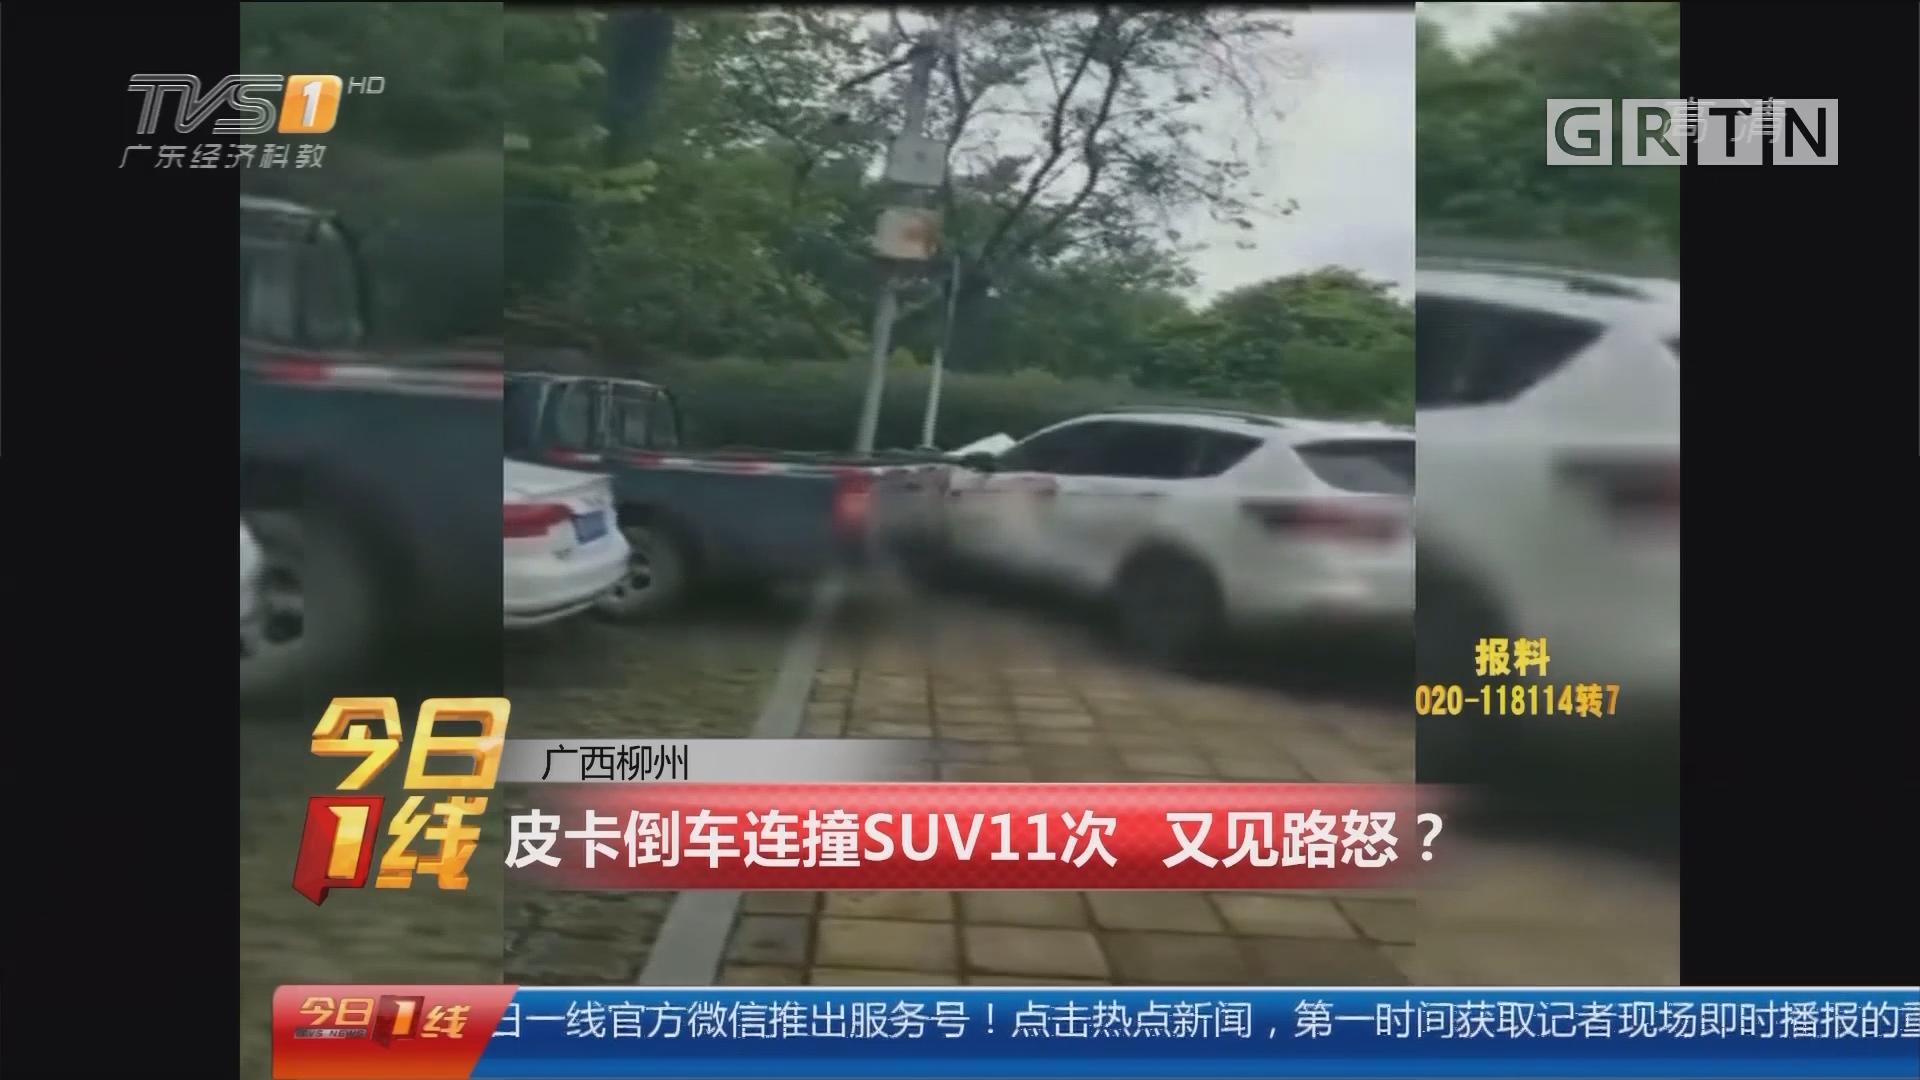 广西柳州:皮卡倒车连撞SUV11次 又见路怒?